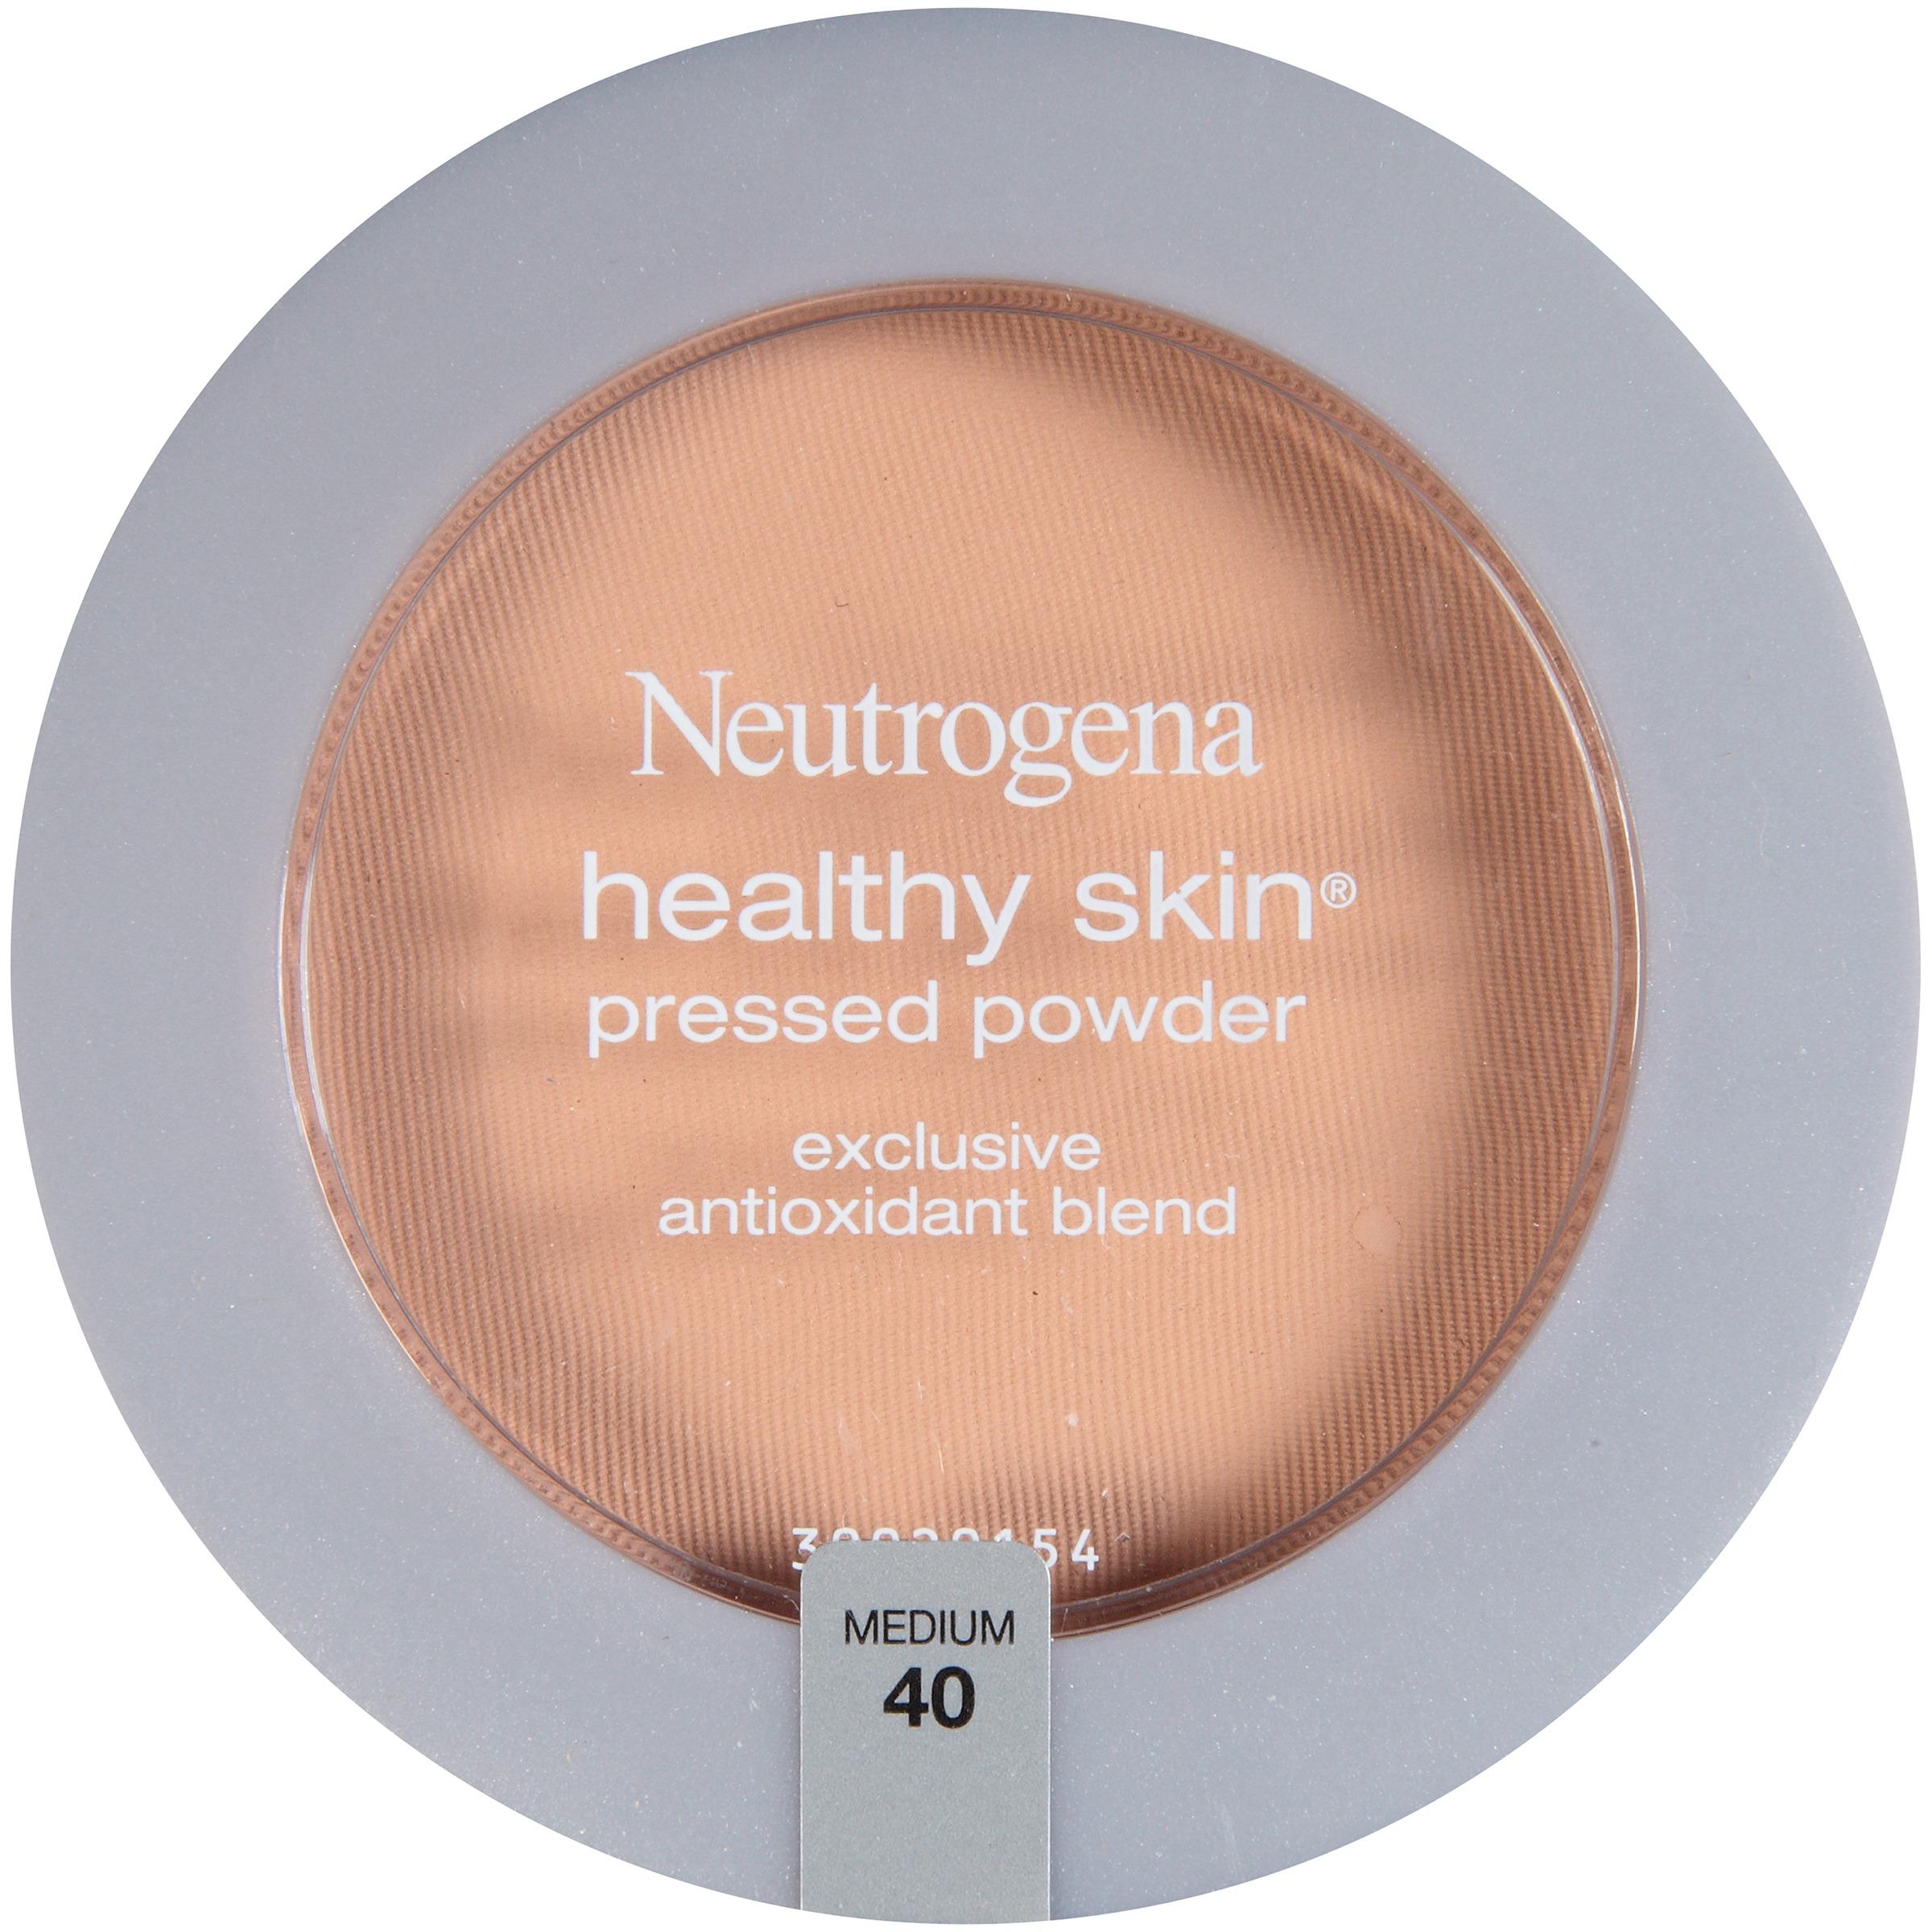 Maquillaje Para Ojos Neutrogena piel saludable presionado polvo SPF 20, media 40,.34 Oz + Neutrogena en Veo y Compro